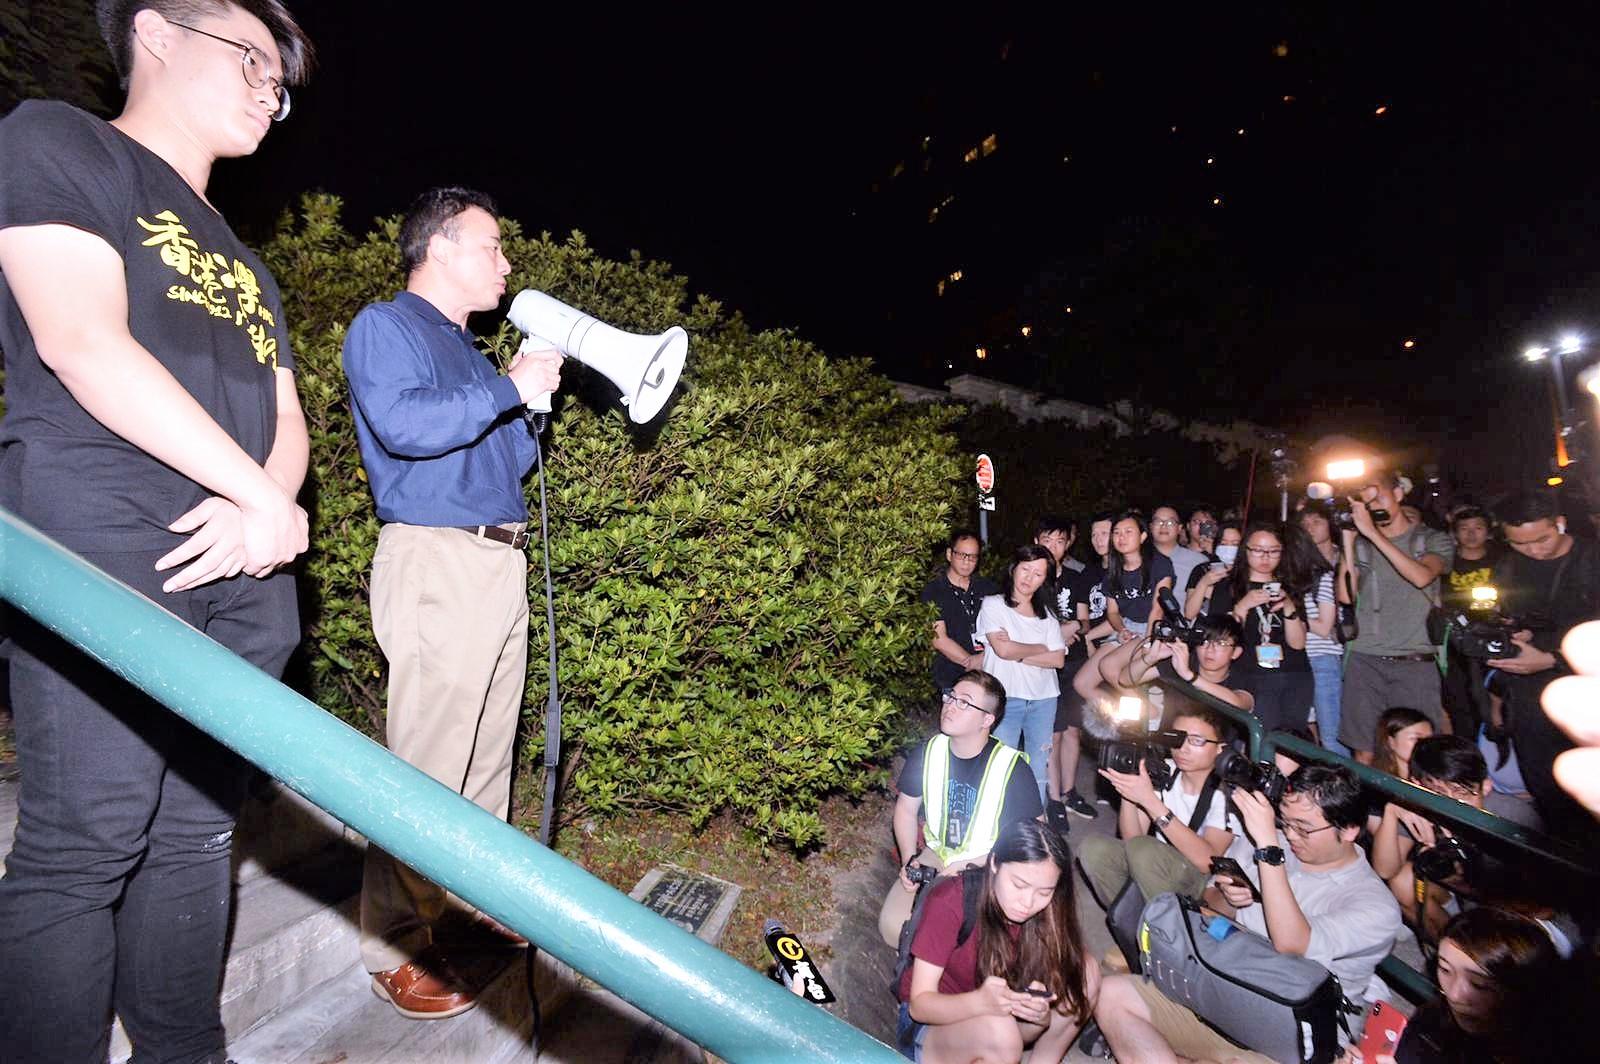 張翔當晚與學生對話。資料圖片